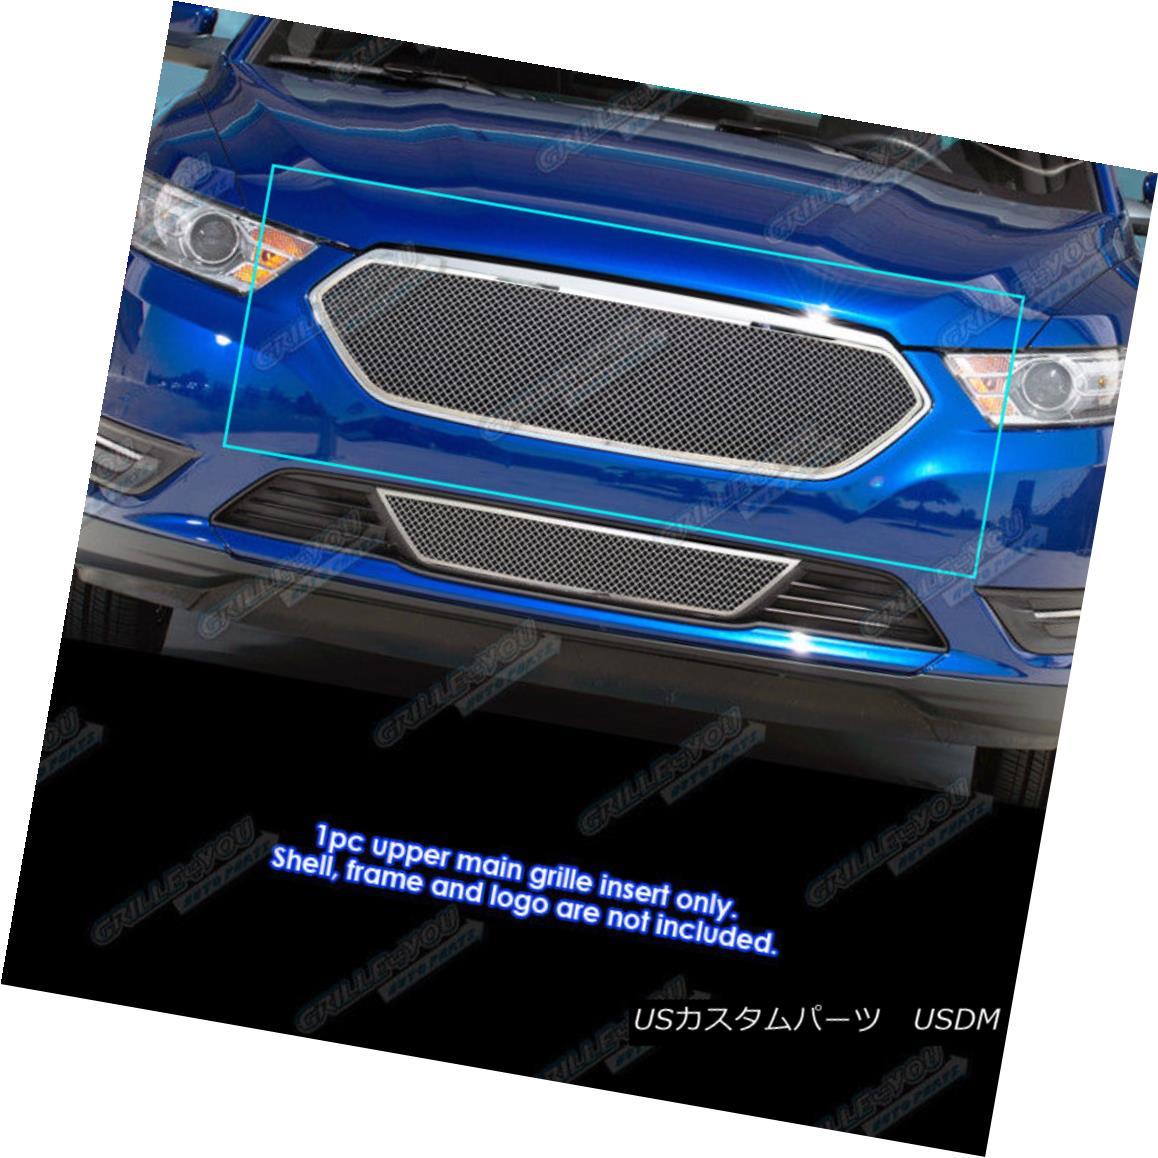 グリル Fits 2013-2017 Ford Taurus W/SHO Logo Cover Stainless Steel Mesh Grille Inserts 2013-2017 Ford Taurus W / SHOロゴカバーステンレスメッシュグリルインサート